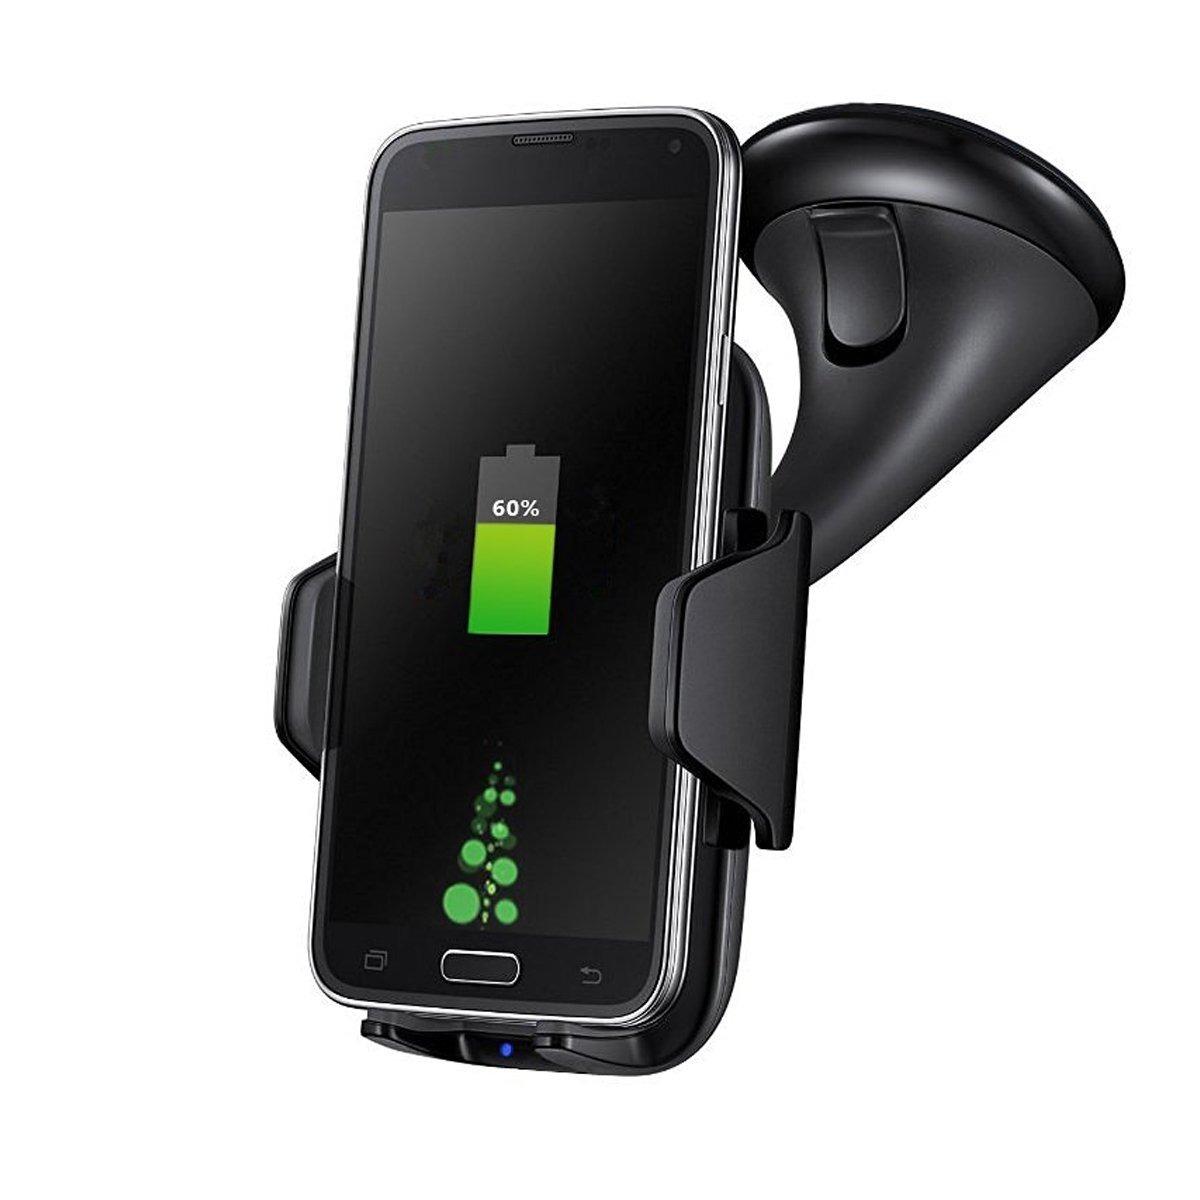 dde6ff8becf cargador inalámbrico carga rápida celular carro samsung ipho. Cargando zoom.